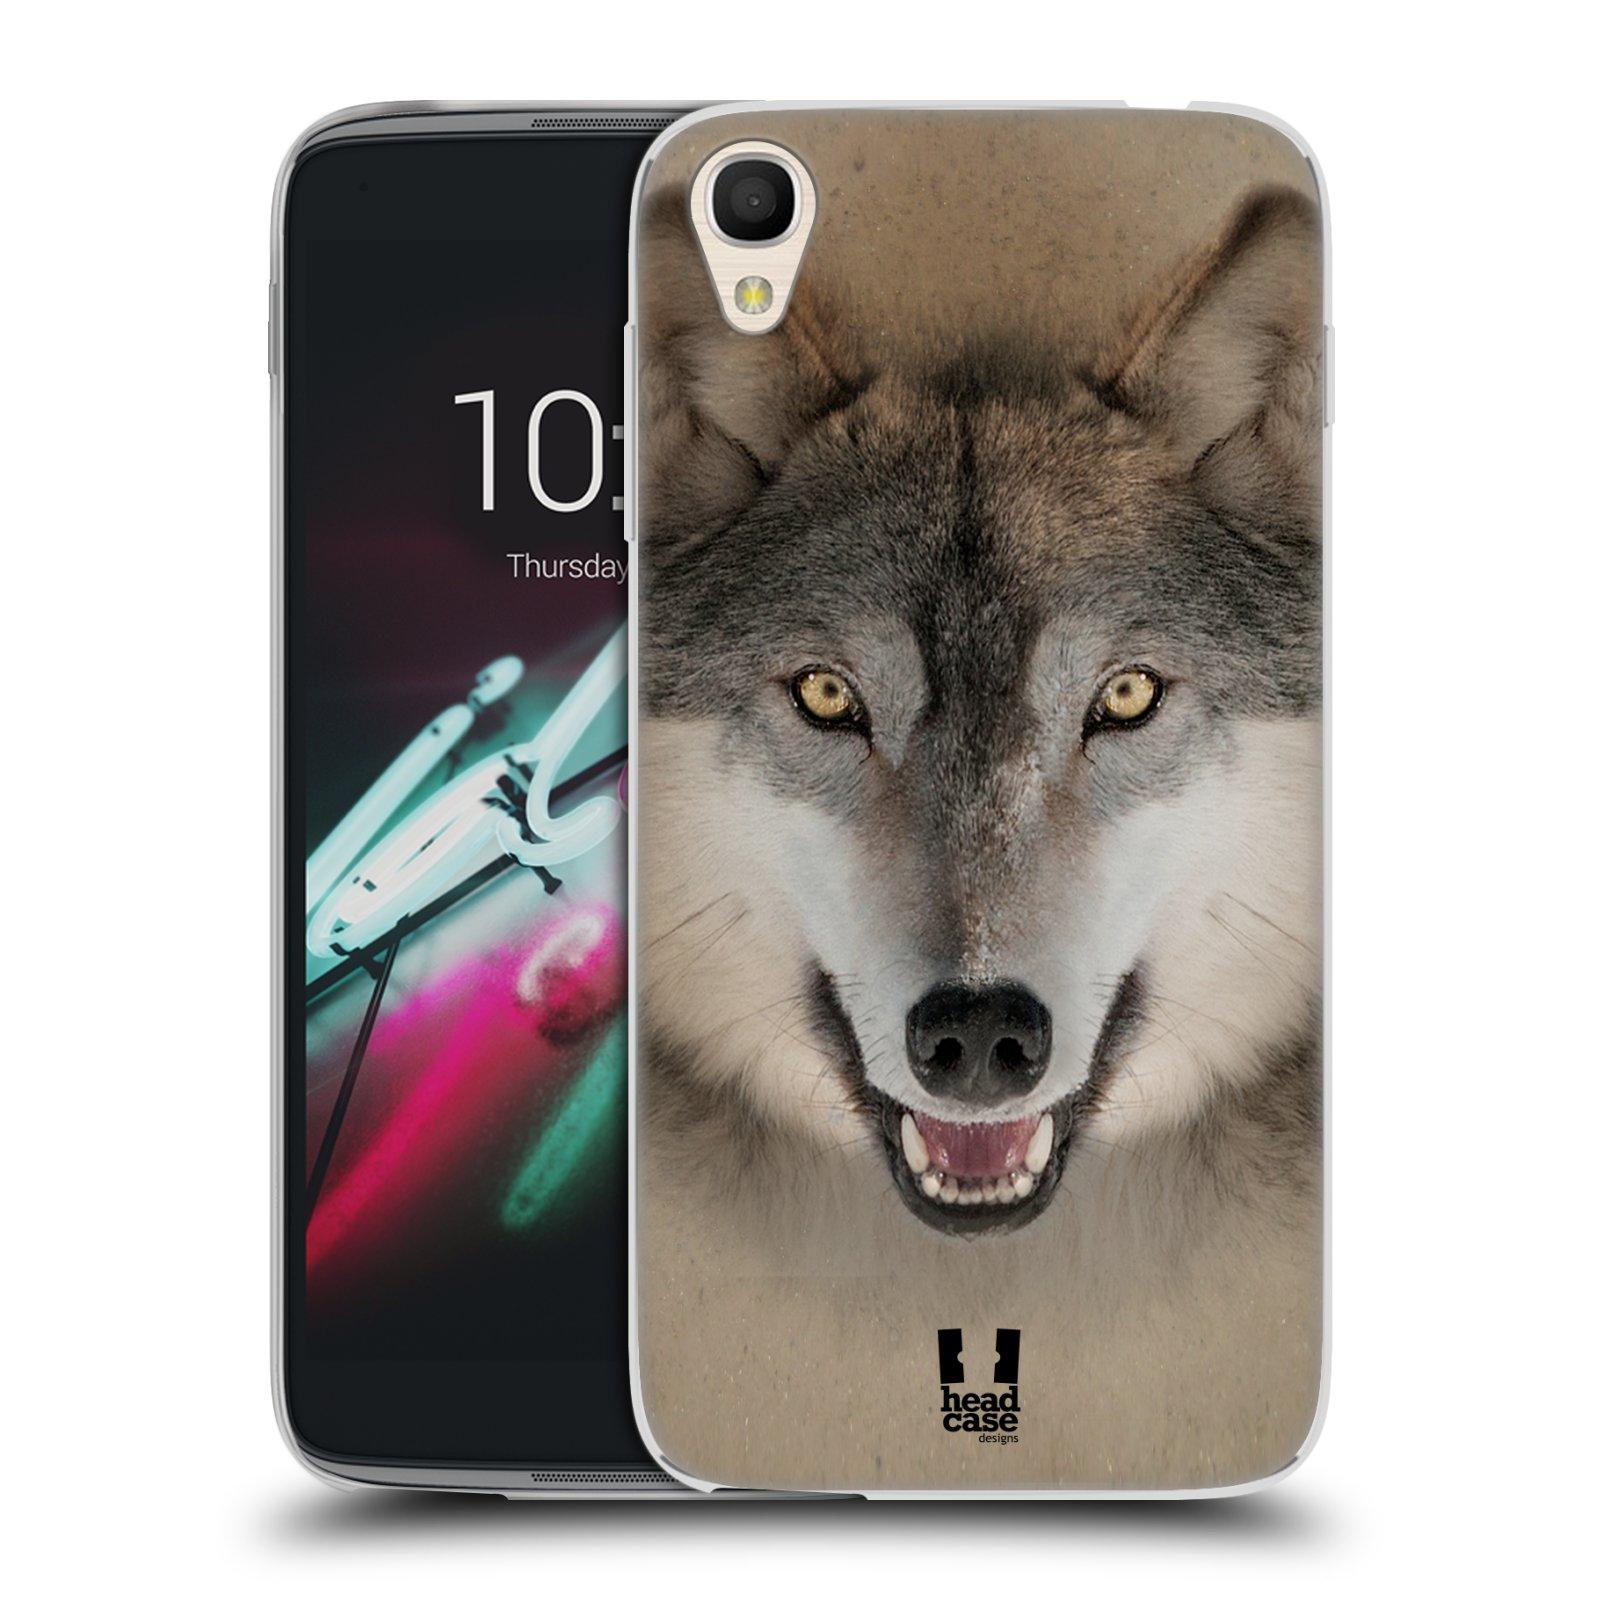 HEAD CASE silikonový obal na mobil Alcatel Idol 3 OT-6039Y (4.7) vzor Zvířecí tváře 2 vlk šedý